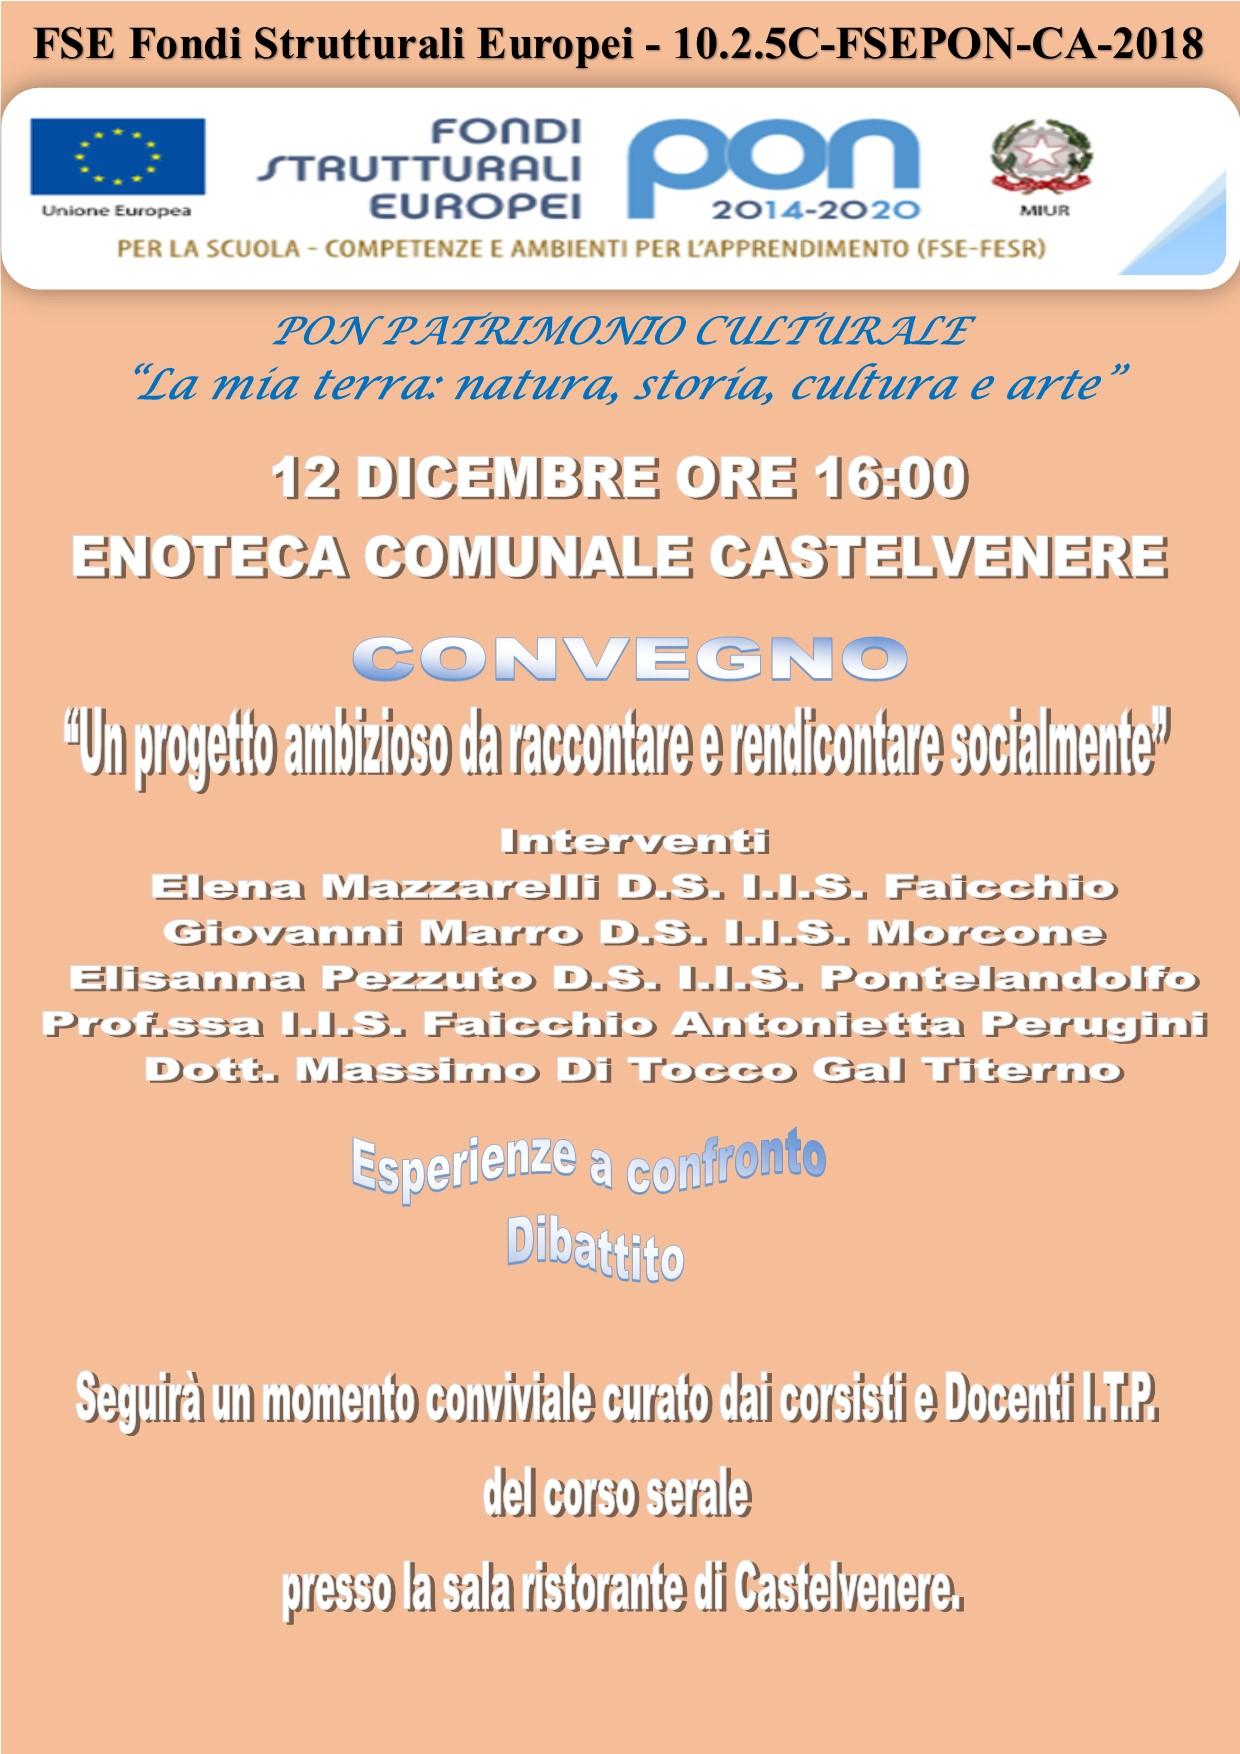 CONVEGNO 12 DICEMBRE 2019 ORE 16:00 CASTELVENERE